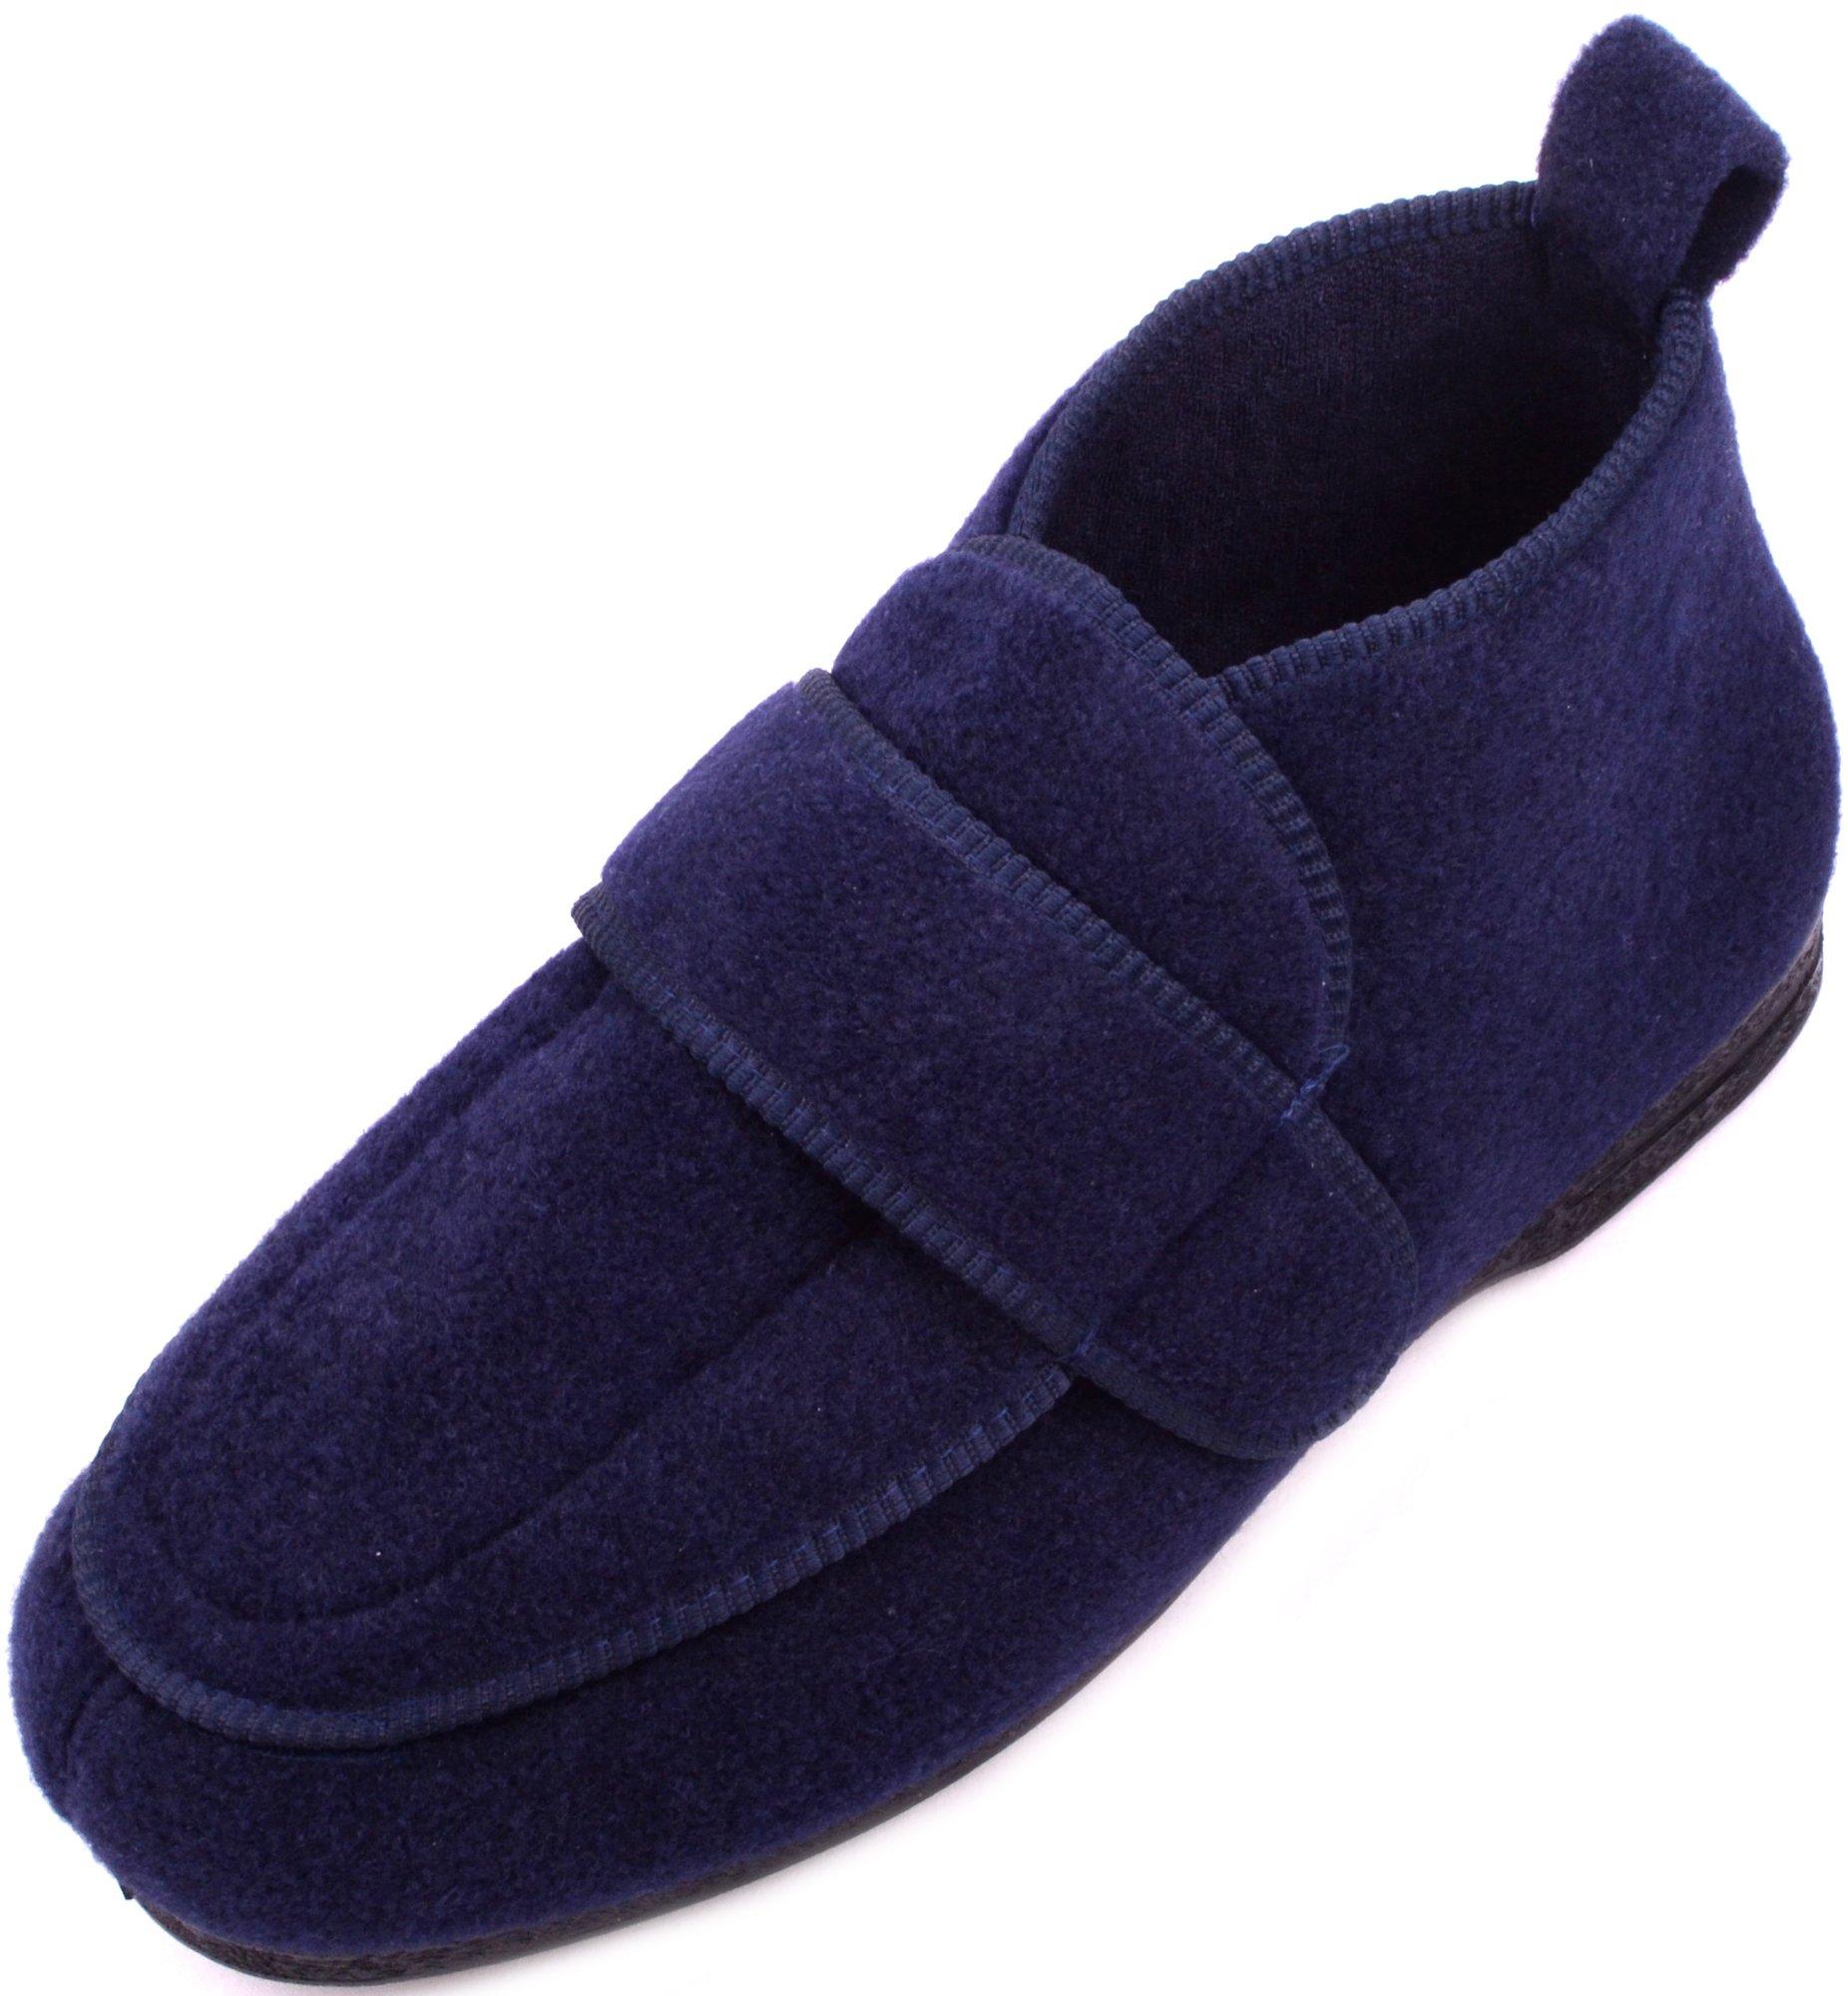 ABSOLUTE FOOTWEAR Mens Orthopaedic/EEE Wide Fit Adjustable Velcro Slipper Boot/Slippers - Navy - US 11